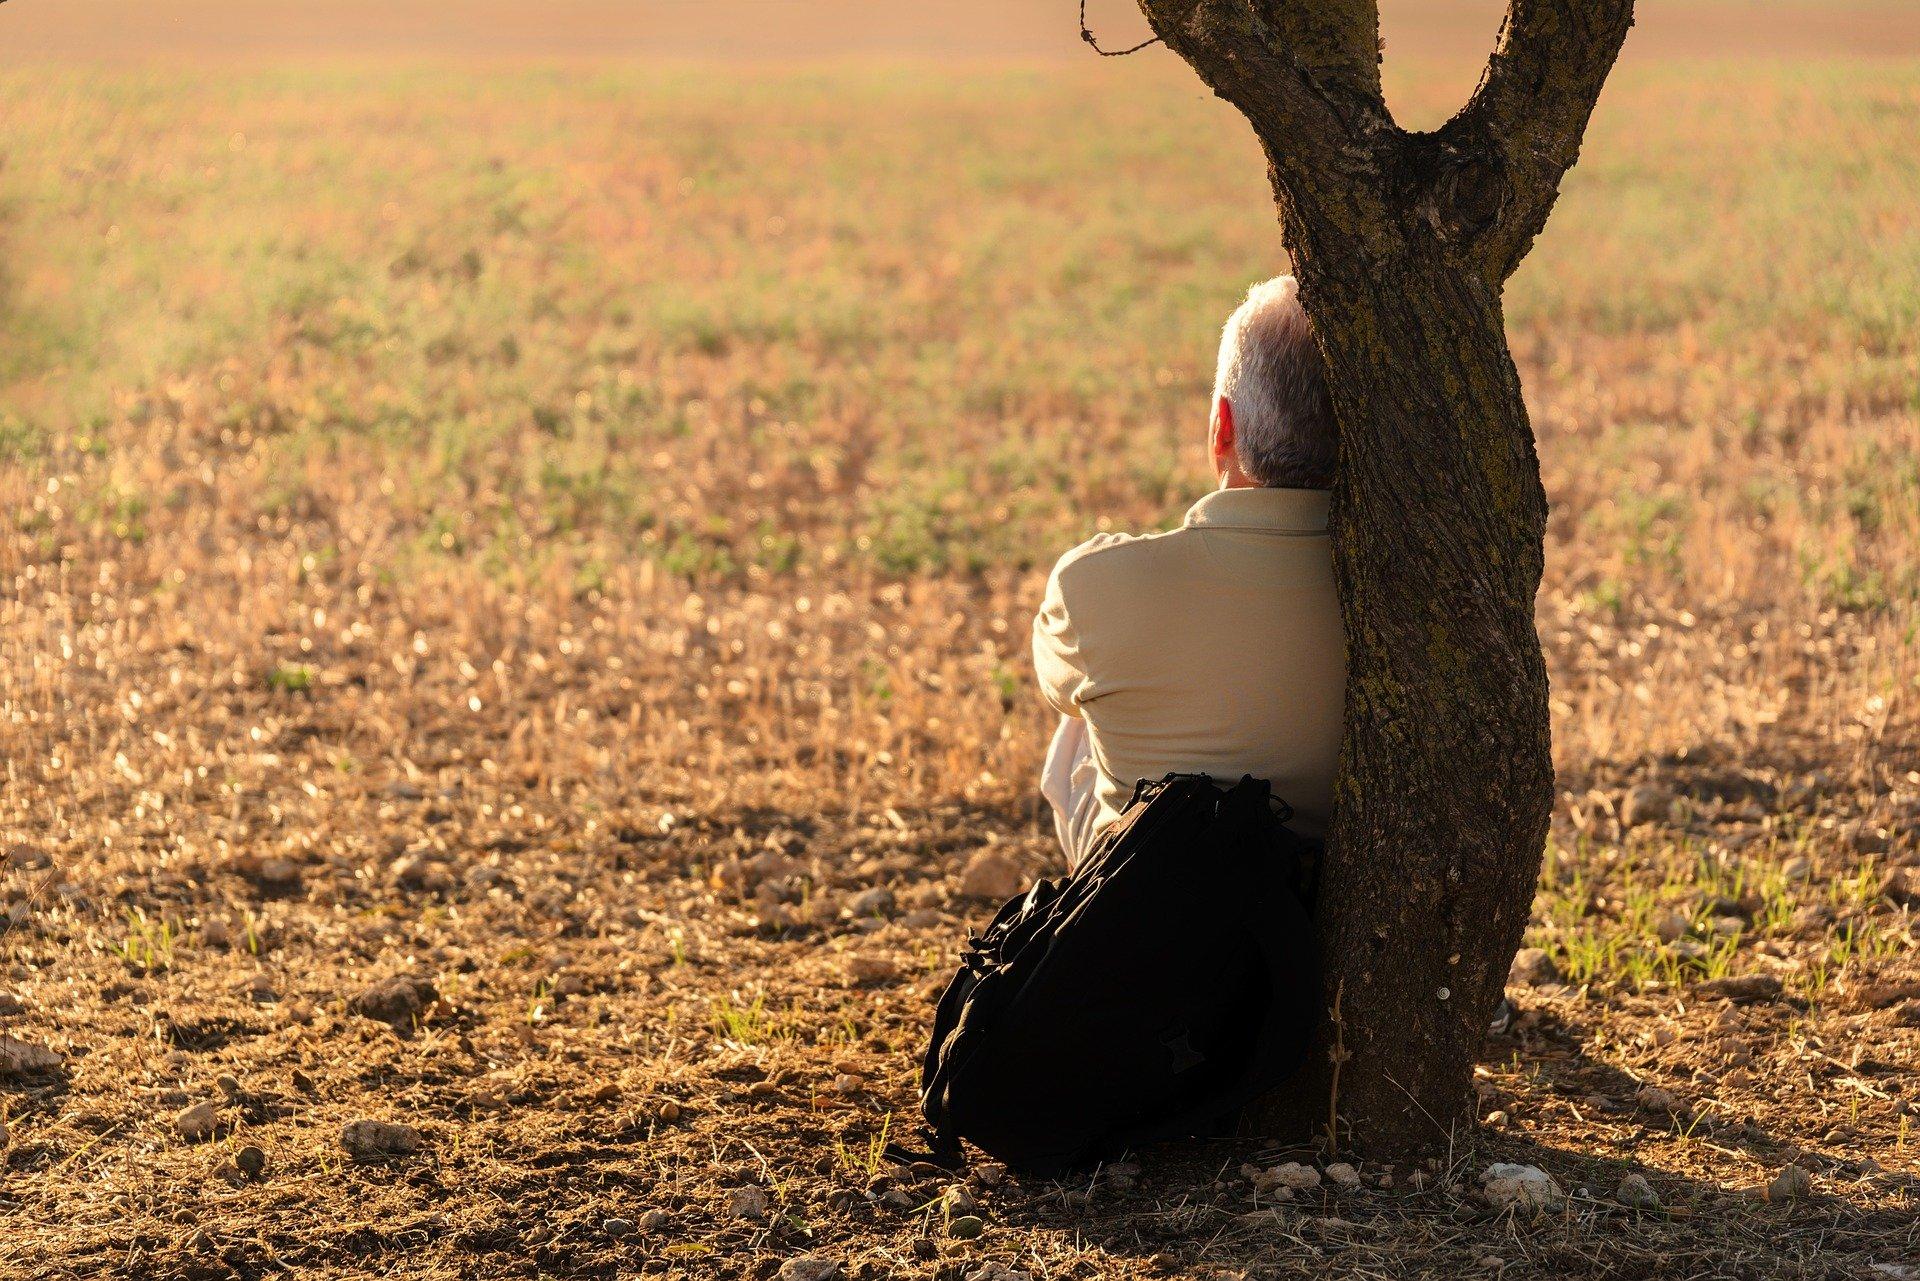 Más solos que la una: 3 de cada 10 hogares serán unipersonales en 2035